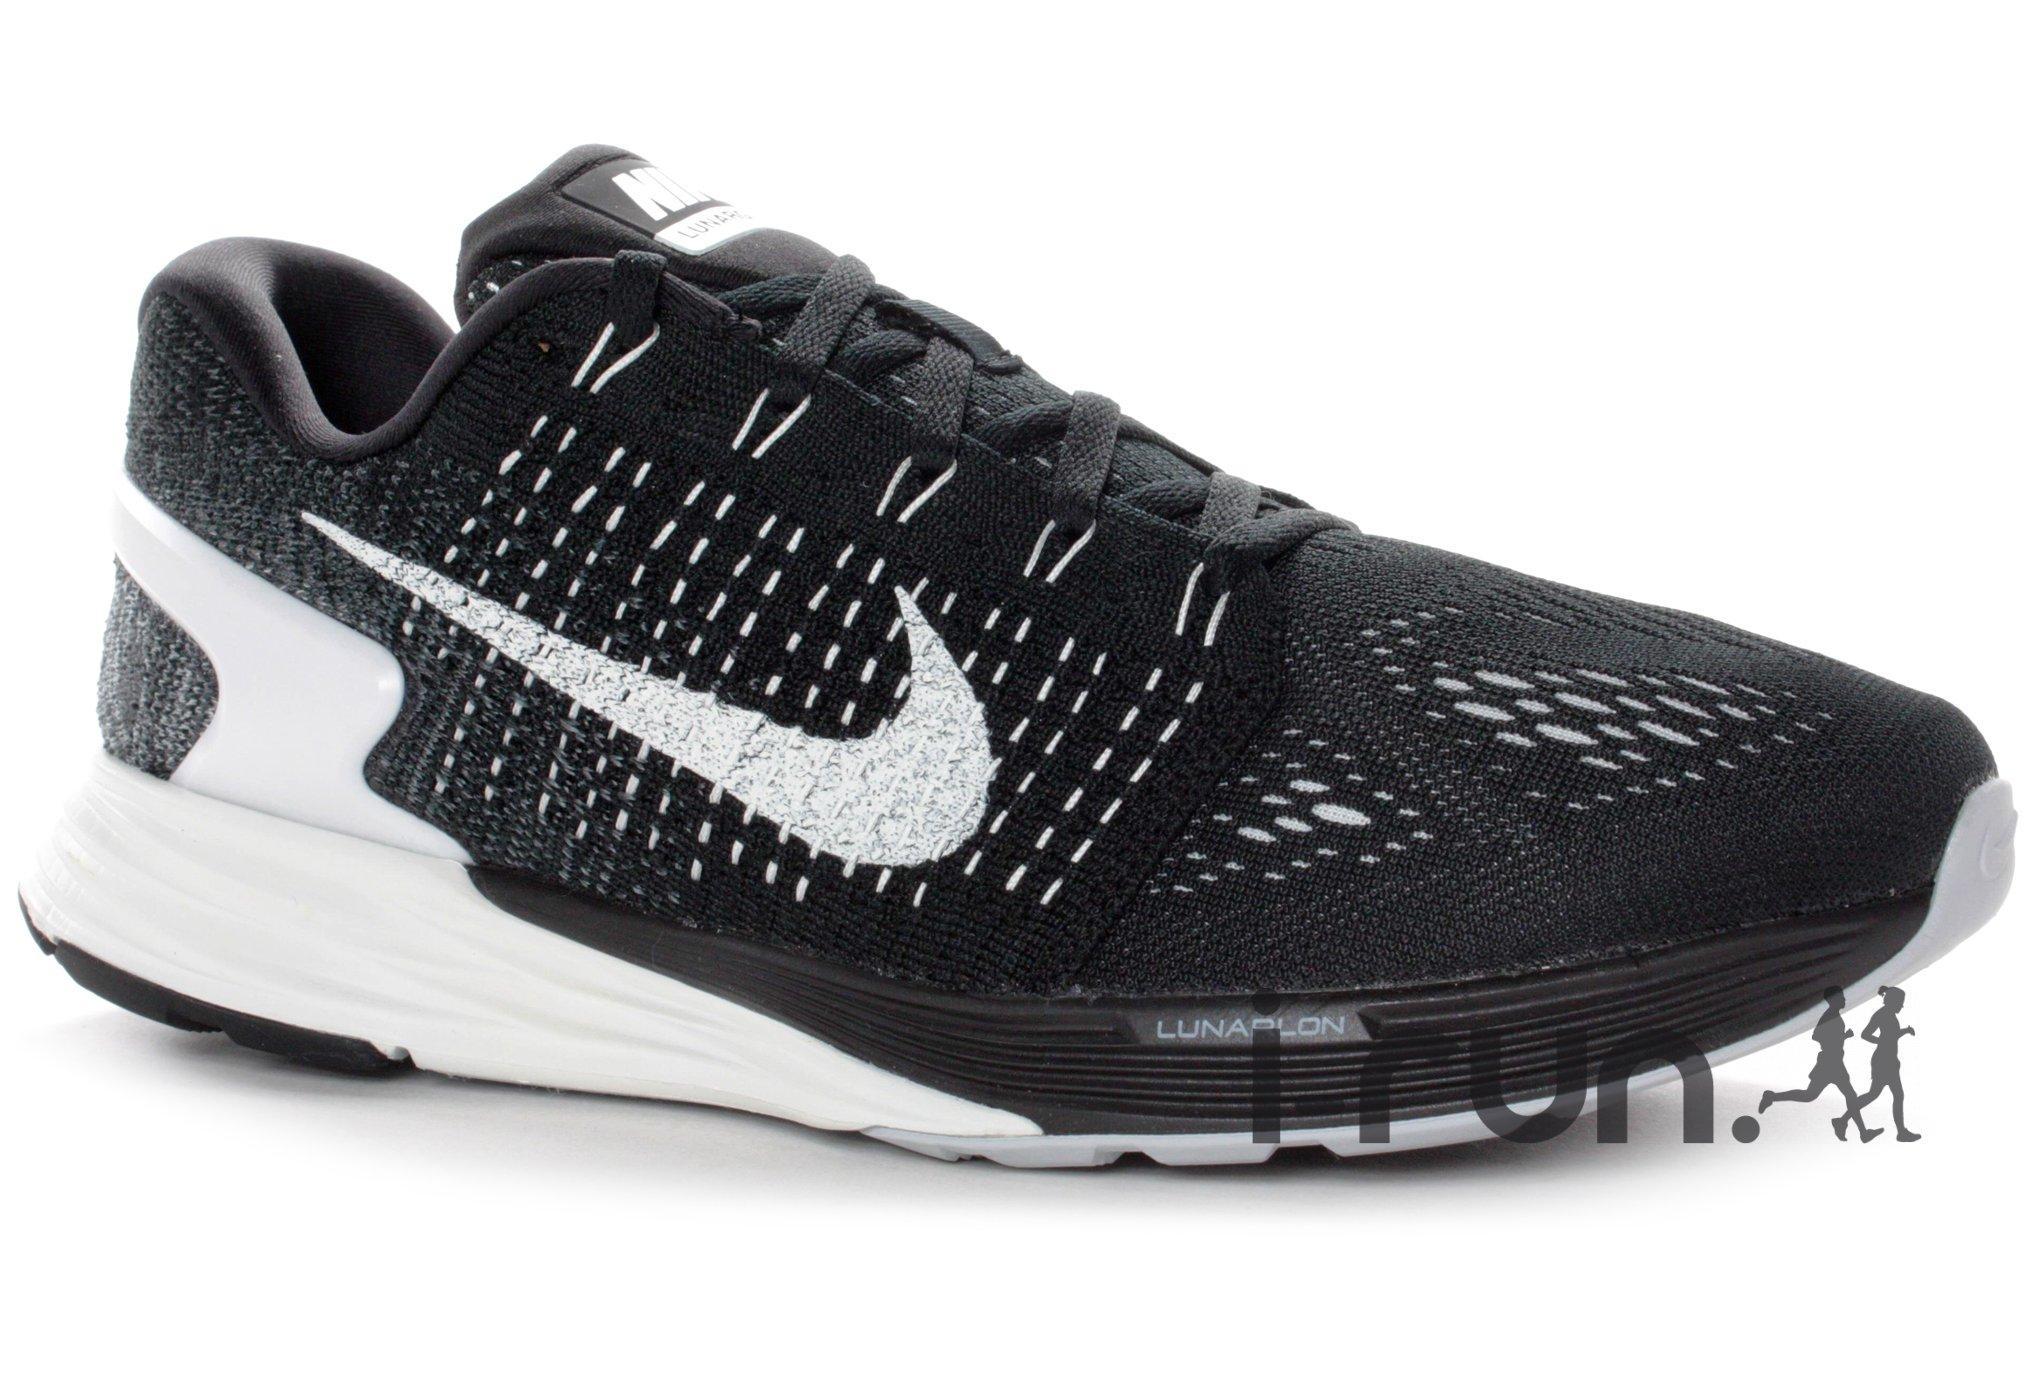 Chaussures Nike Lunarglide 7 M - noir (du 40 au 47.5)